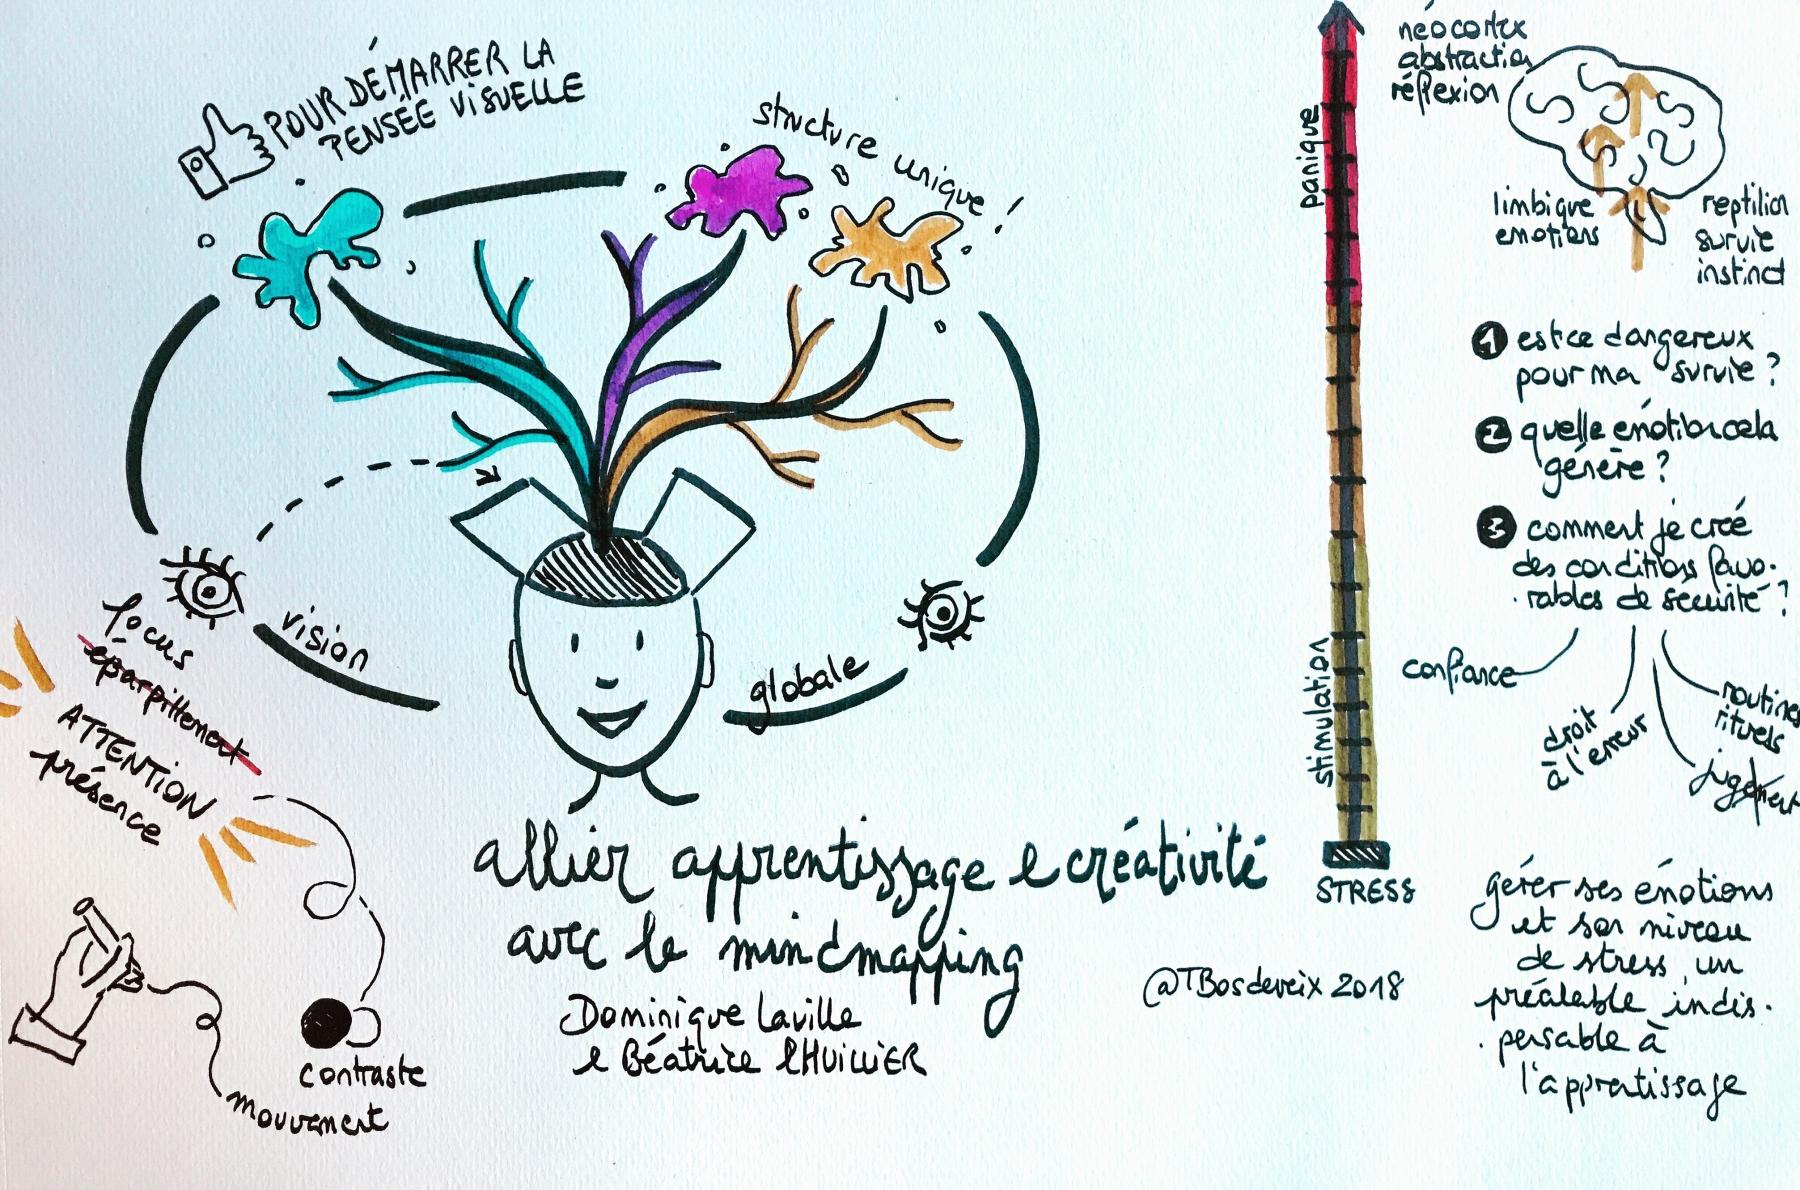 Allier Apprentissage et Créativité avec le Mindmapping (Dominique LAVILLE)